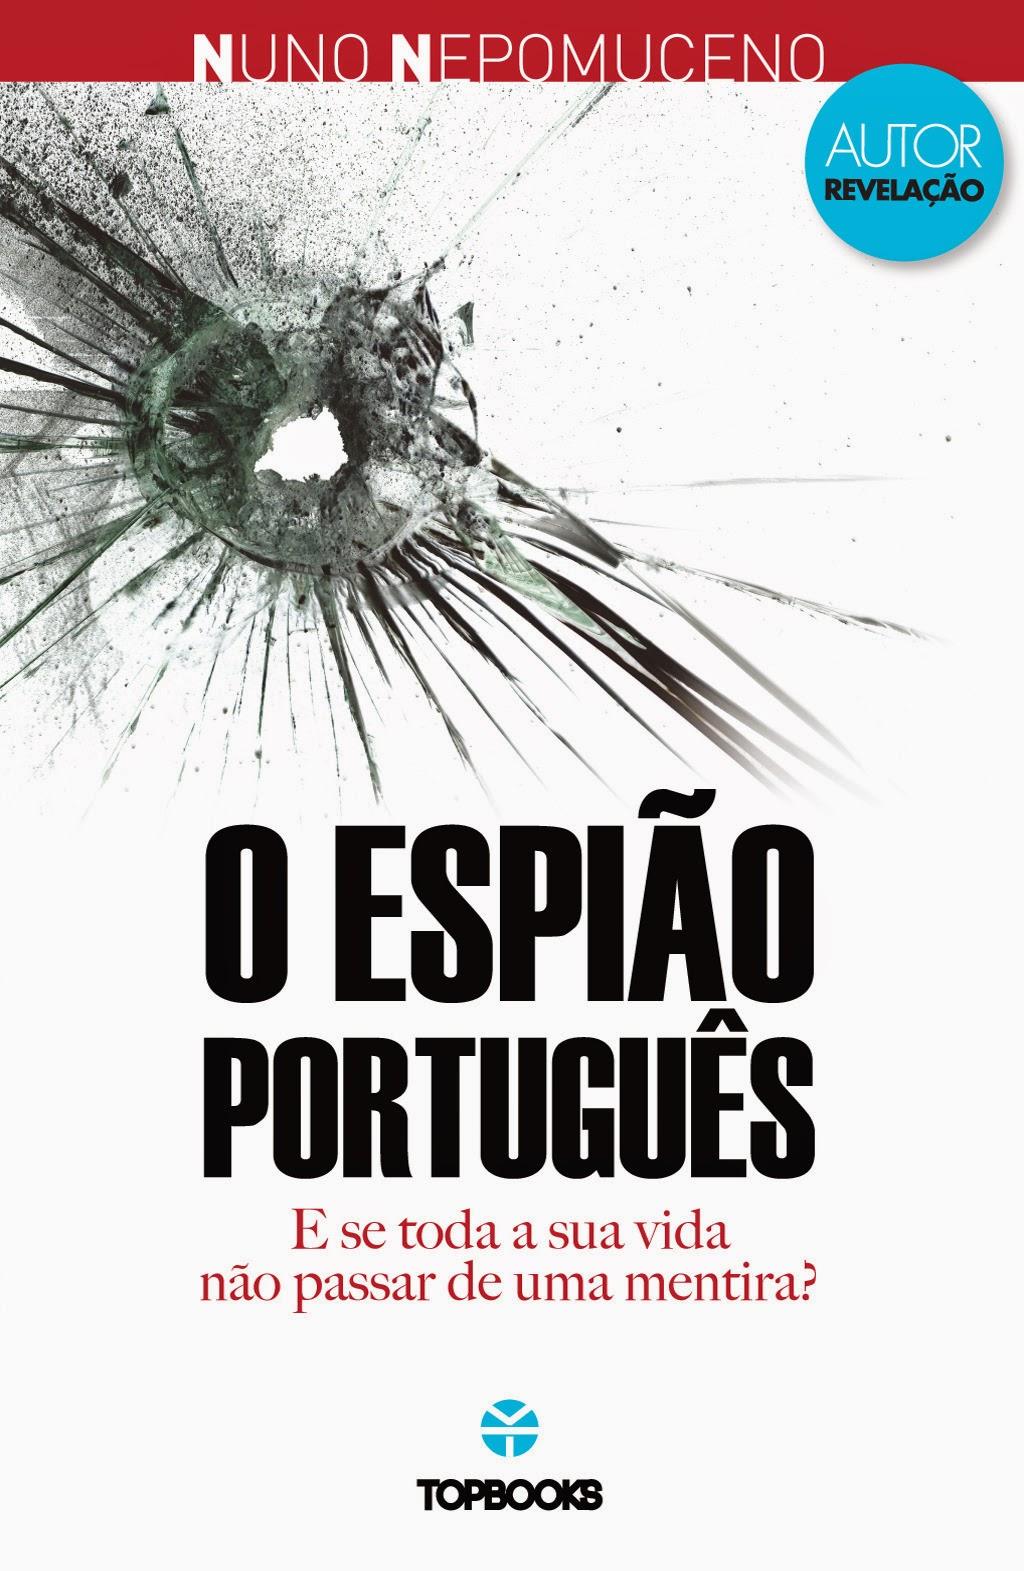 http://www.wook.pt/ficha/o-espiao-portugues/a/id/16180700?a_aid=54ddff03dd32b